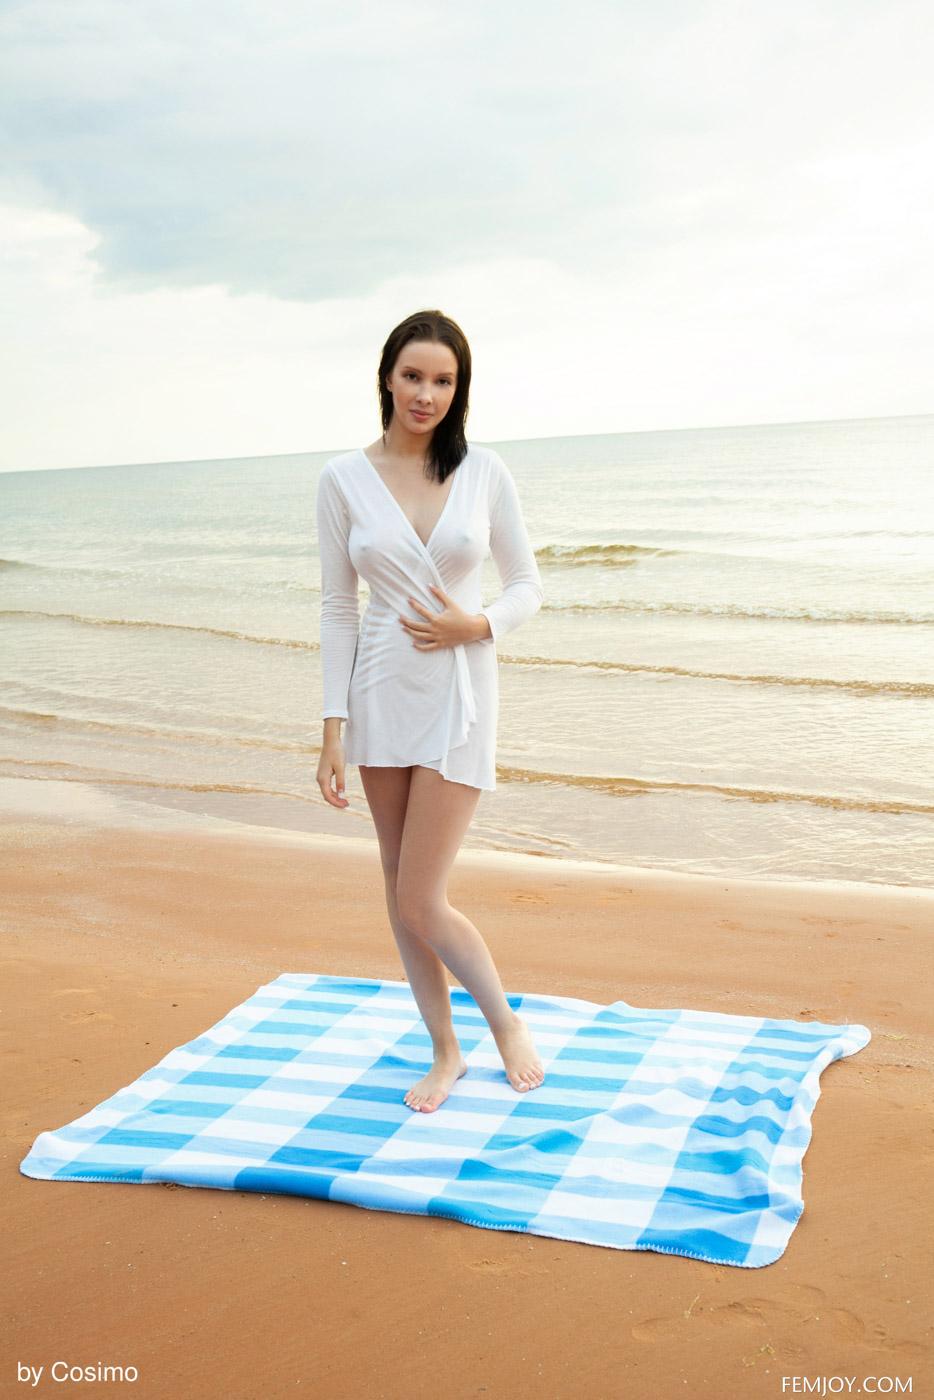 agatha-beach-nymph-01.jpg